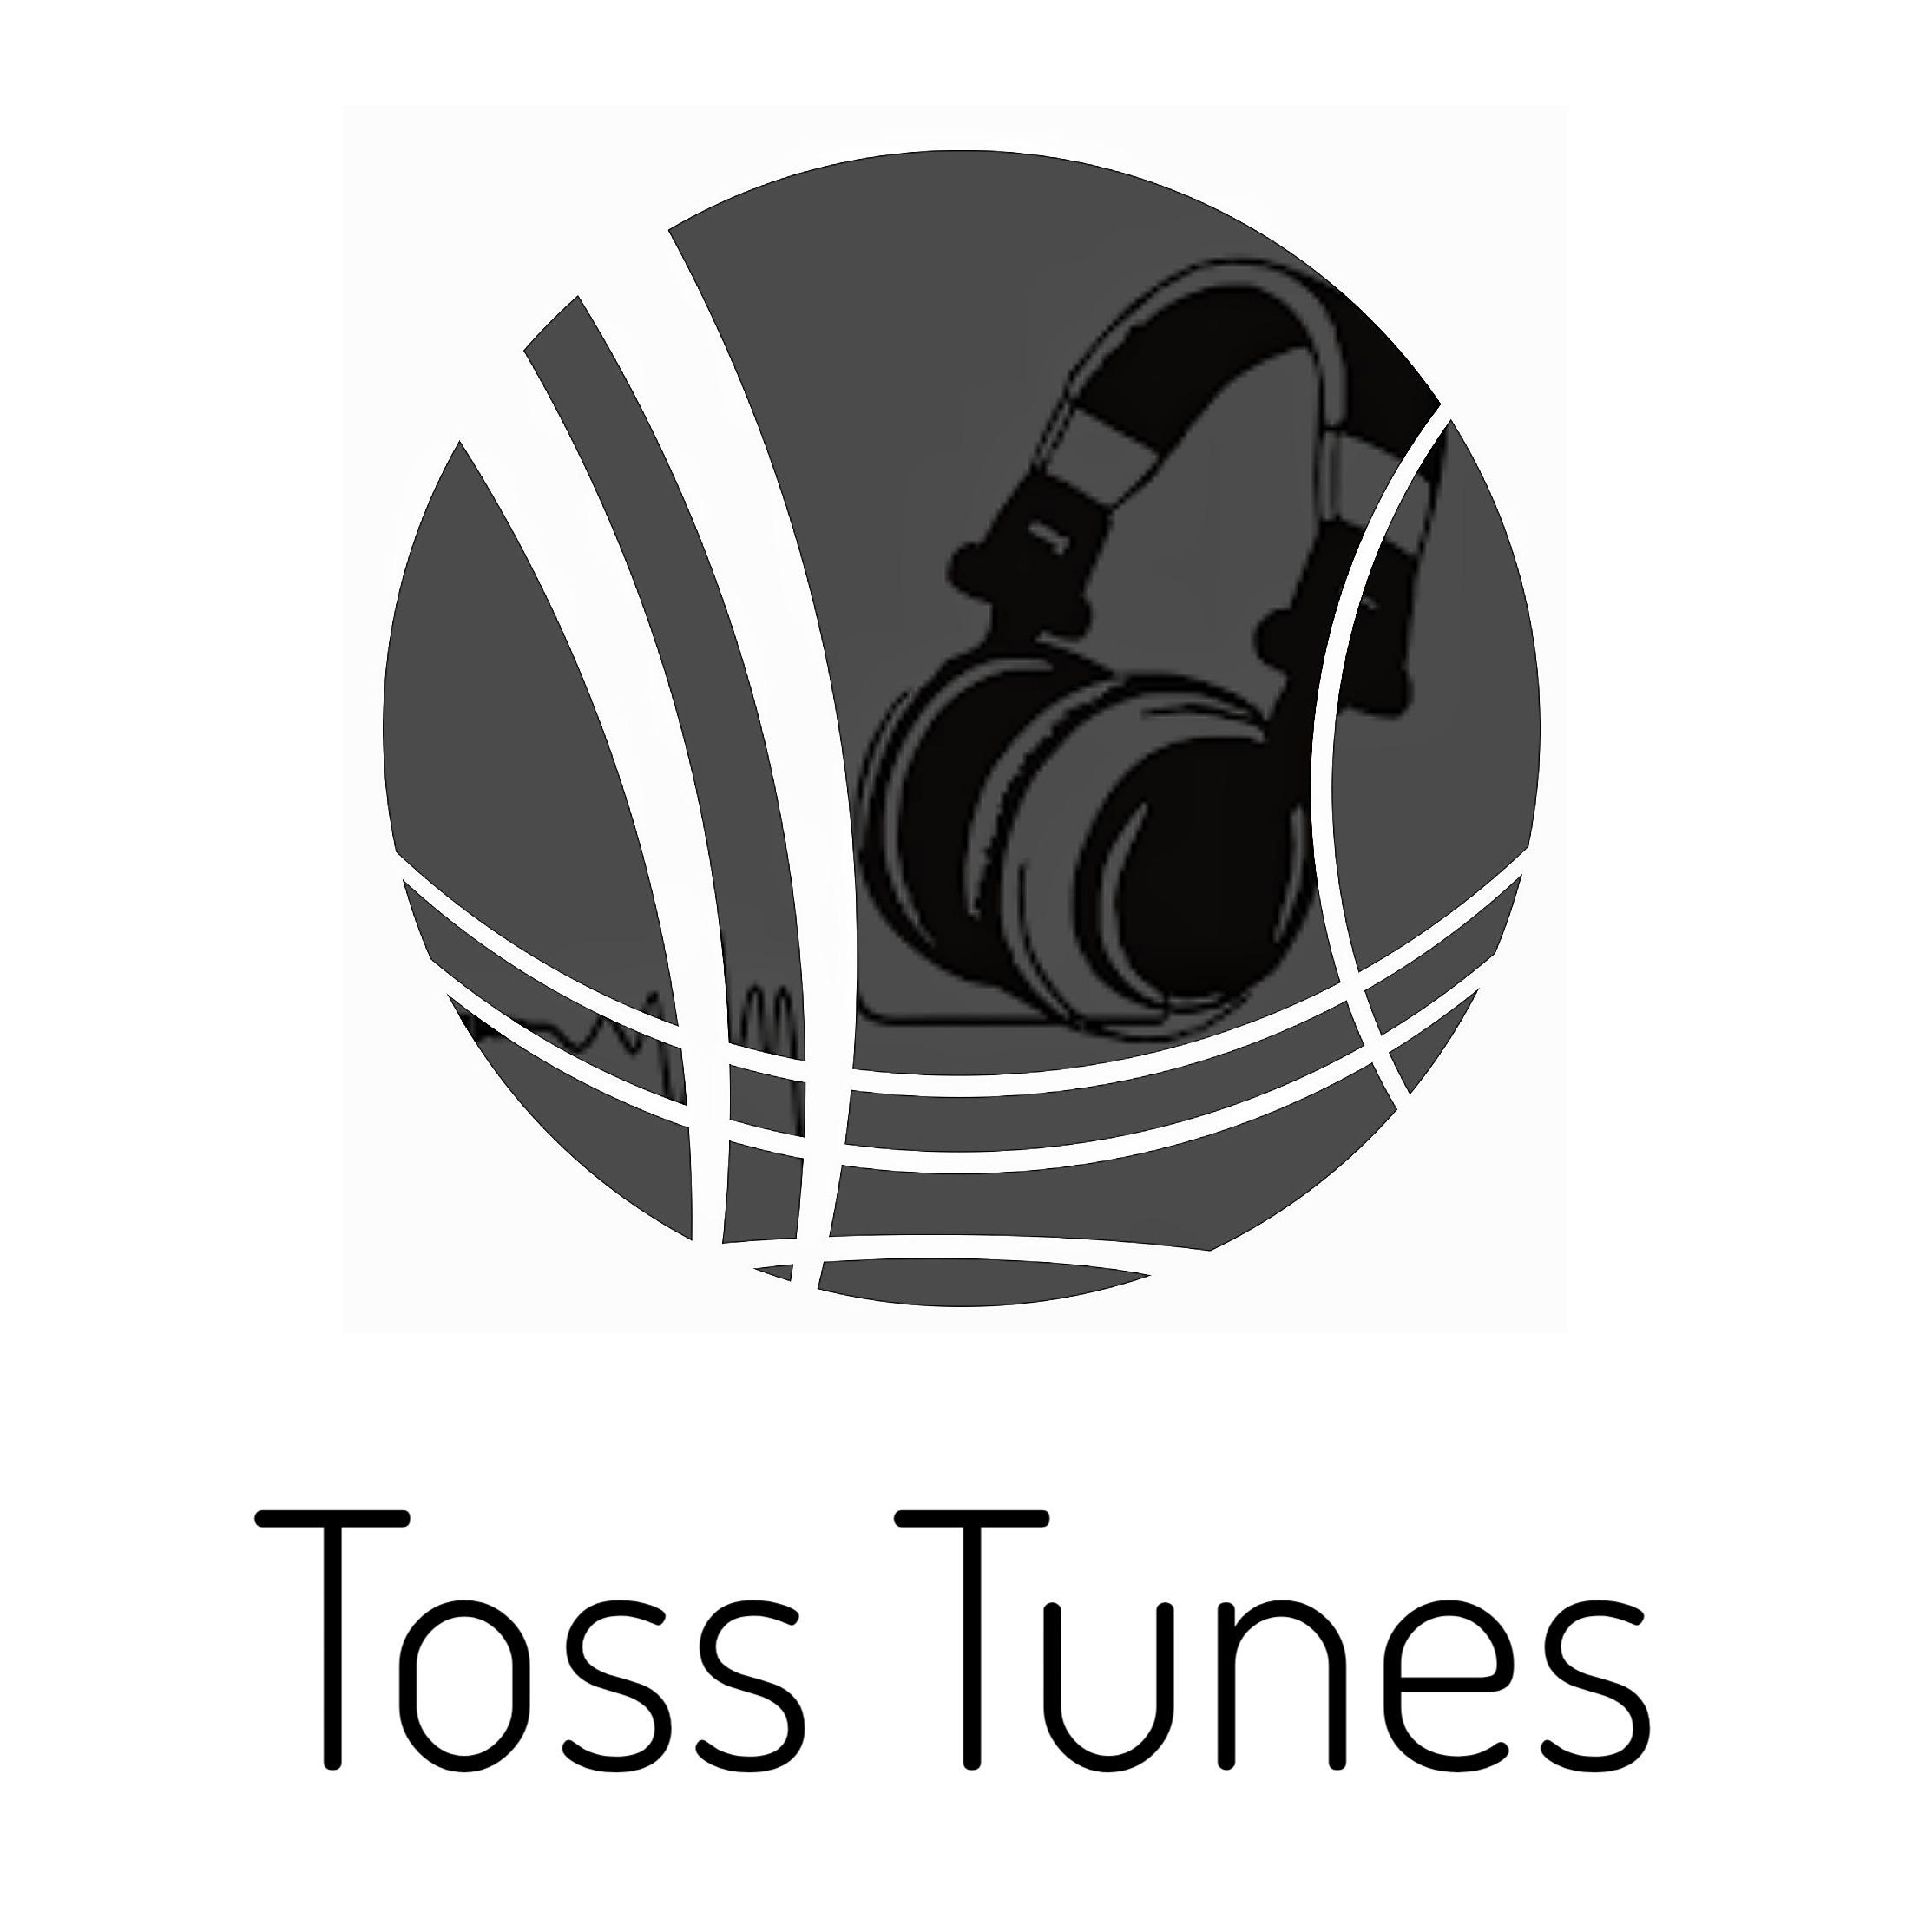 Playlist 020 - Is it 07? [Clean]